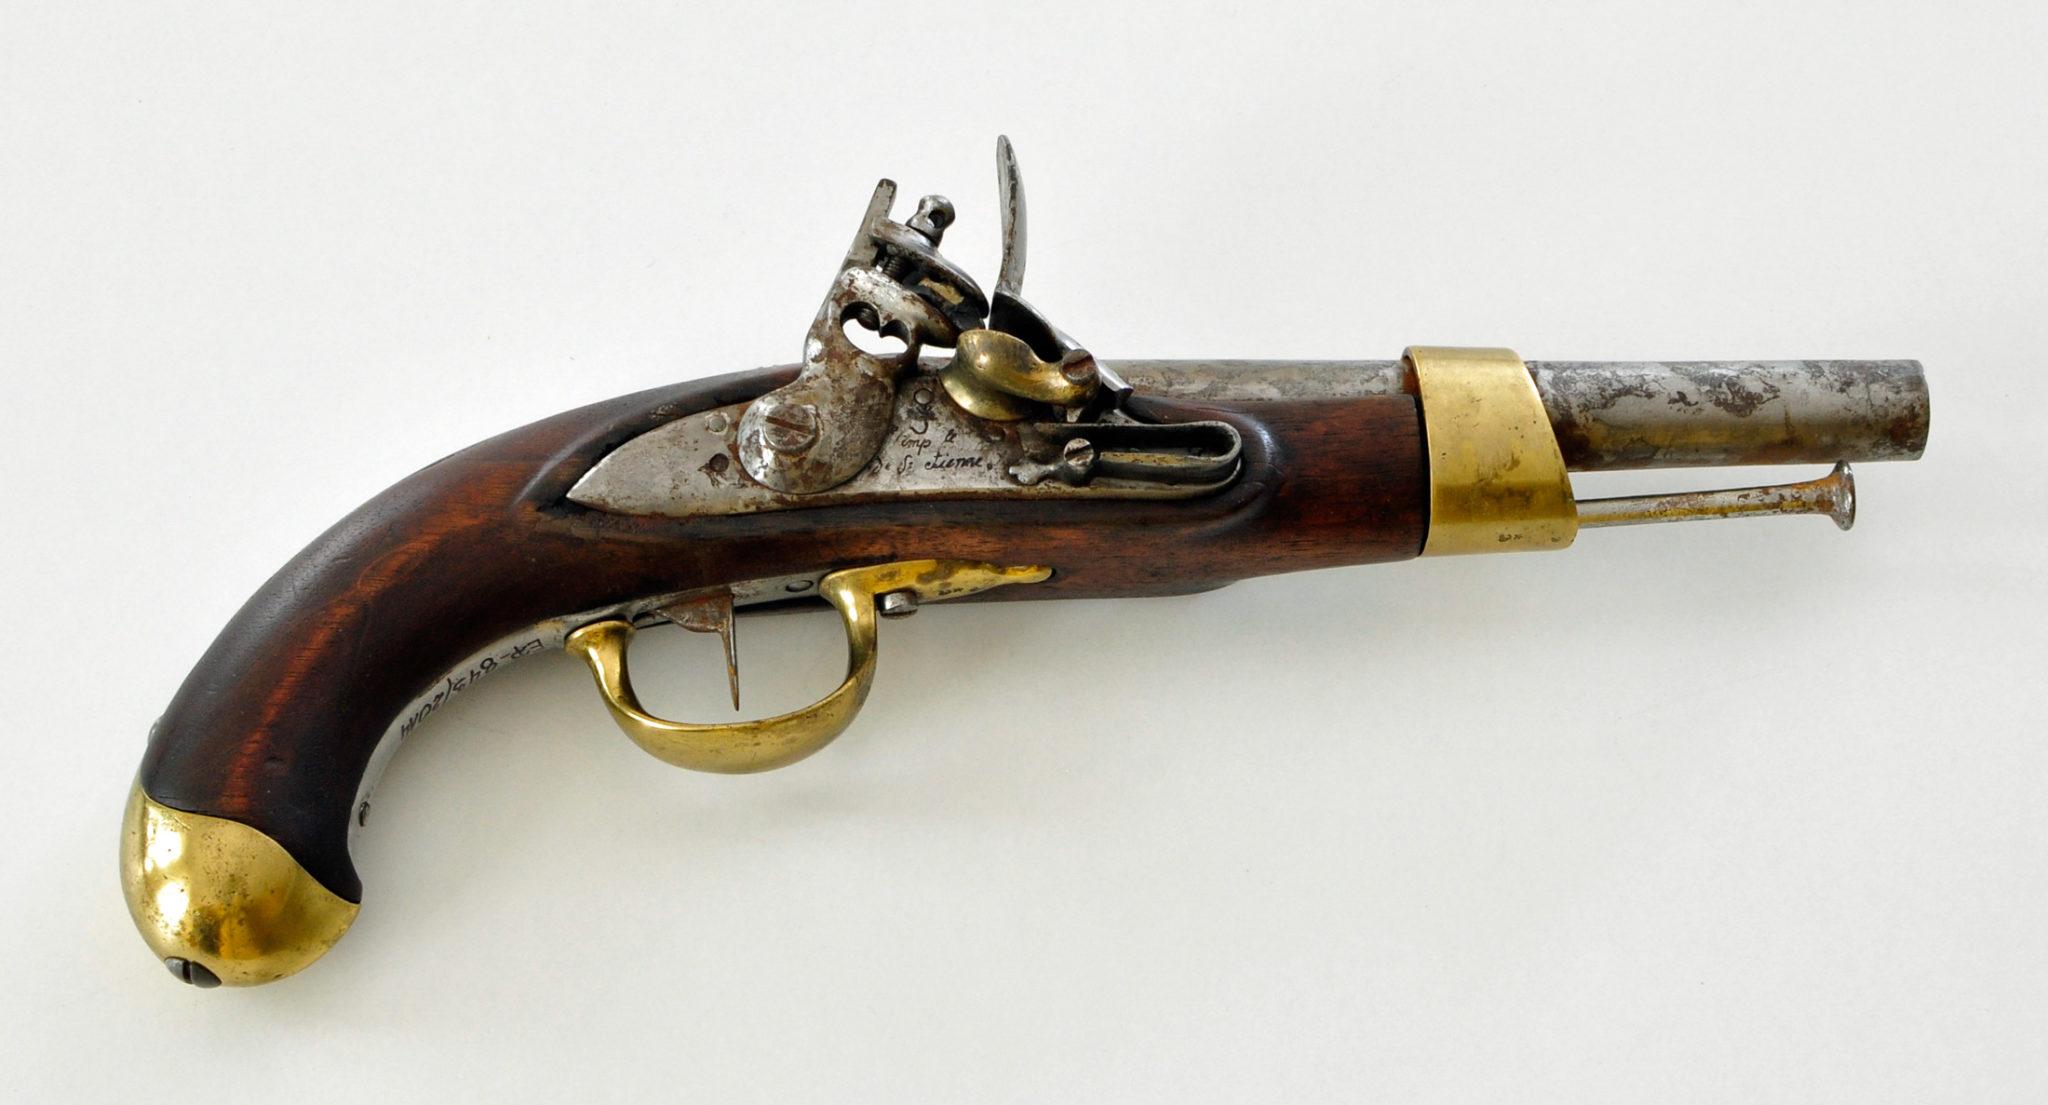 Pistolet kawaleryjski z manufaktury w Saint-Étienne, model AN XIII, wytwarzany w latach 1804-05. Muzeum Regionalne w Szczecinku.